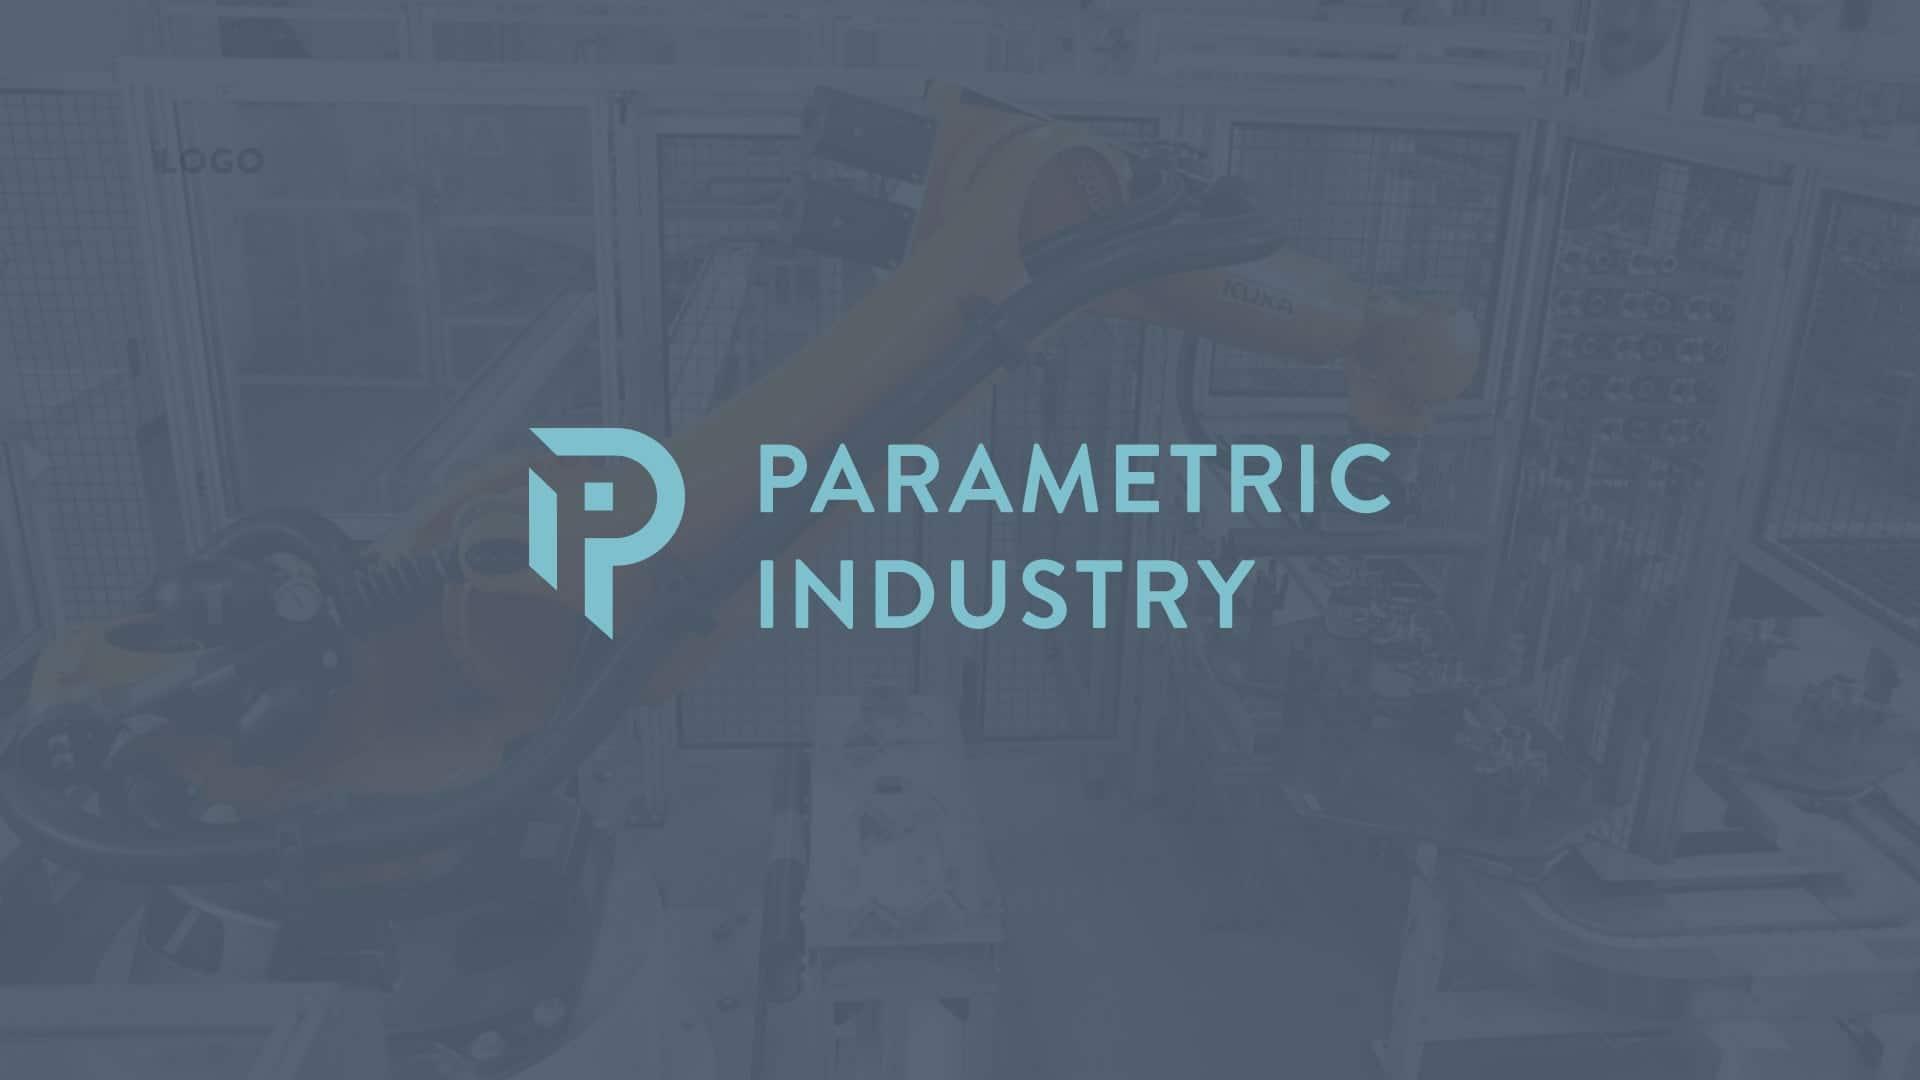 Изготовление логотипа компании неразрывно связано с разработкой фирменного стиля.